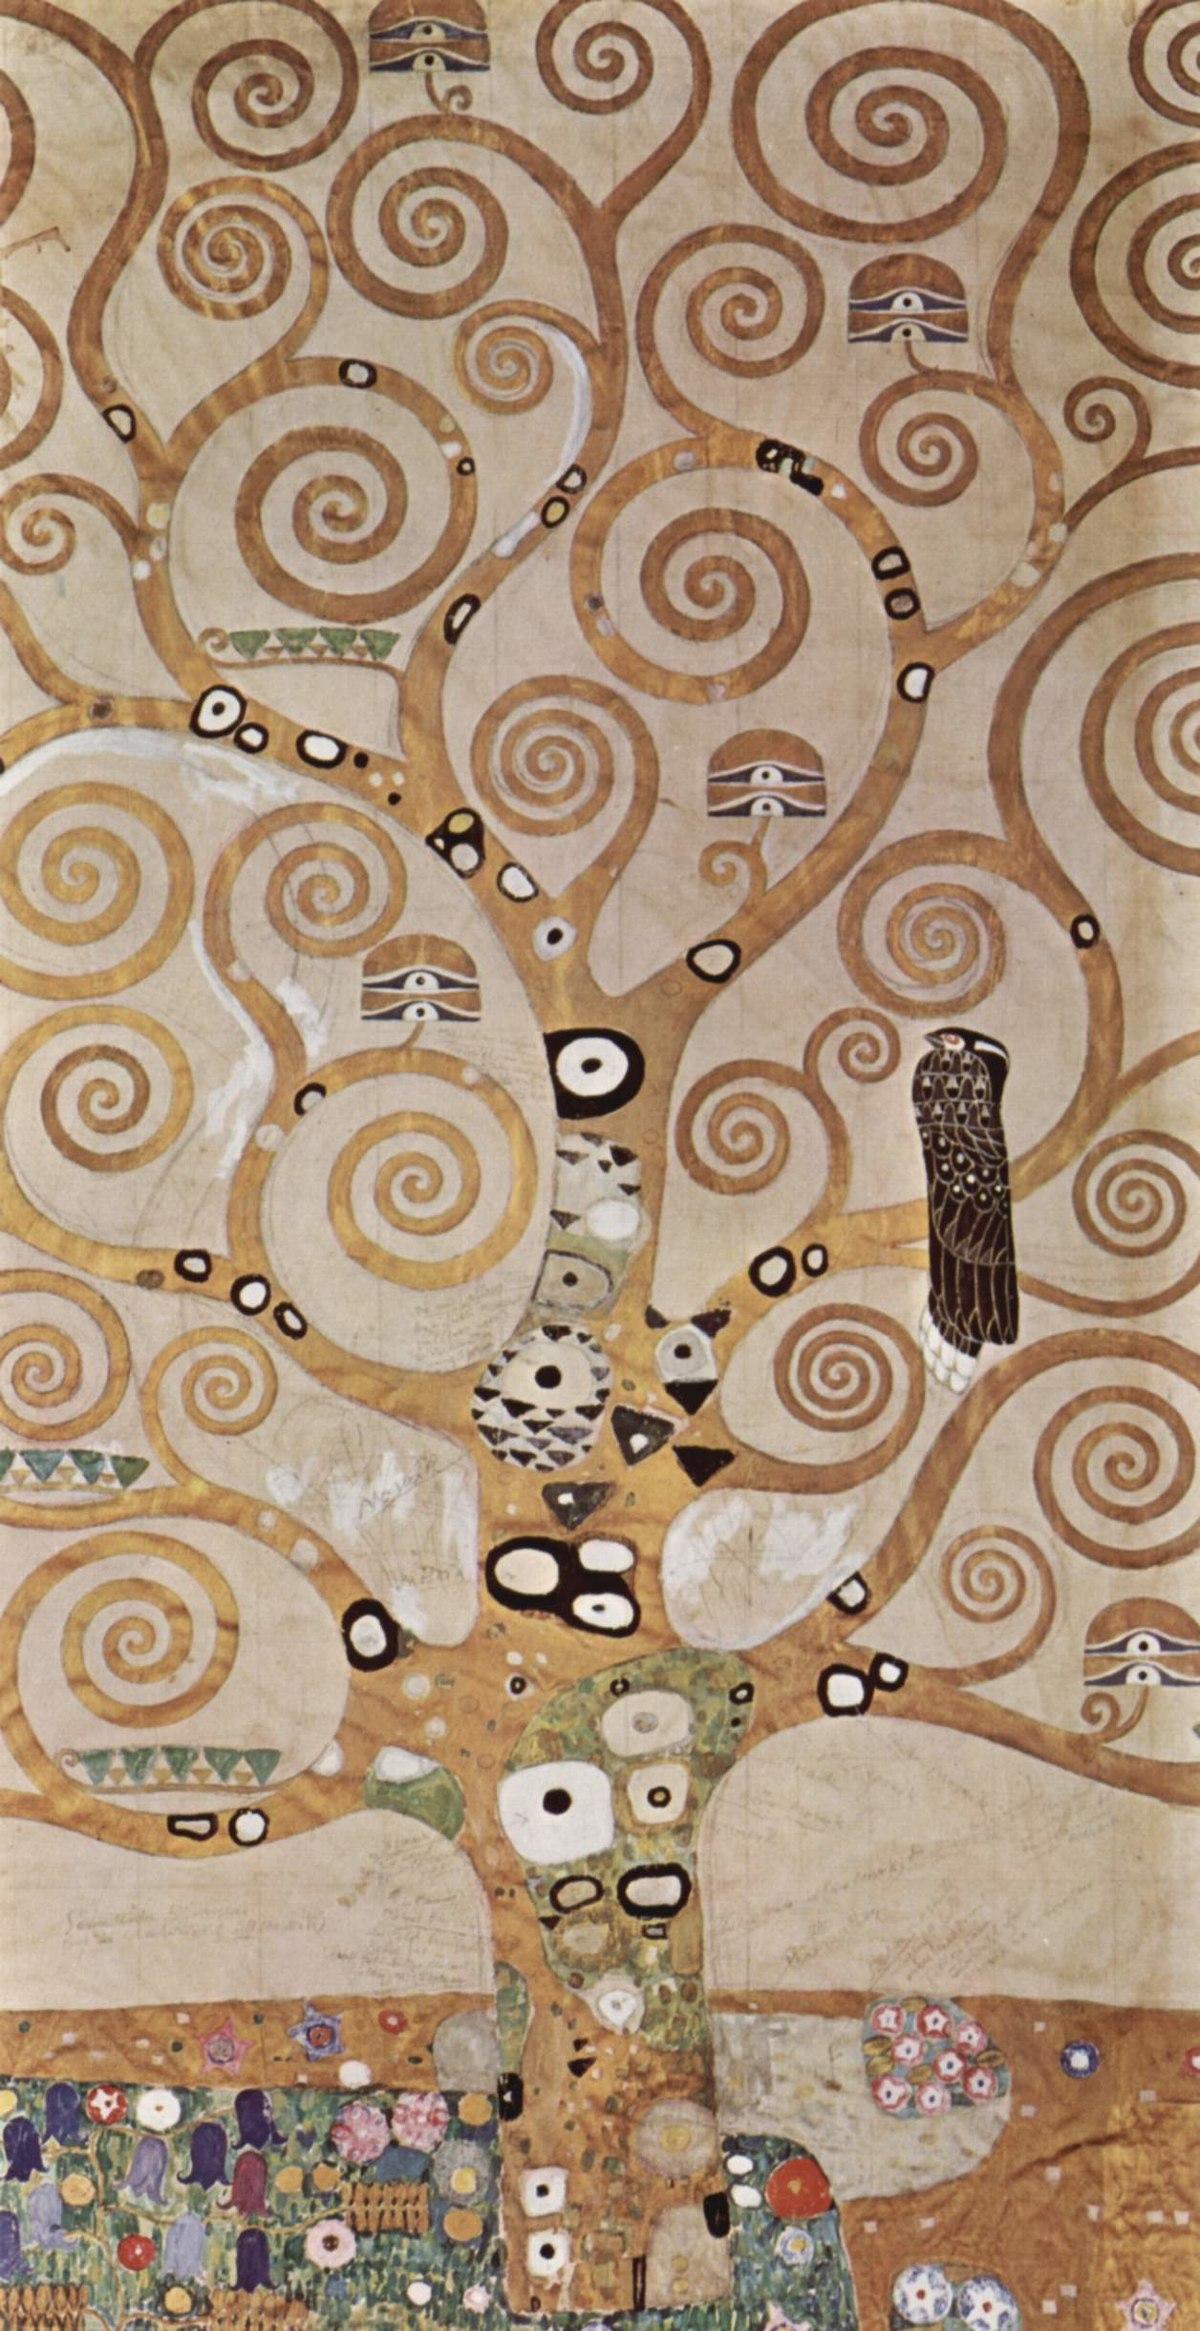 L'arbre De Vie De Klimt : l'arbre, klimt, Life,, Stoclet, Frieze, Wikipedia